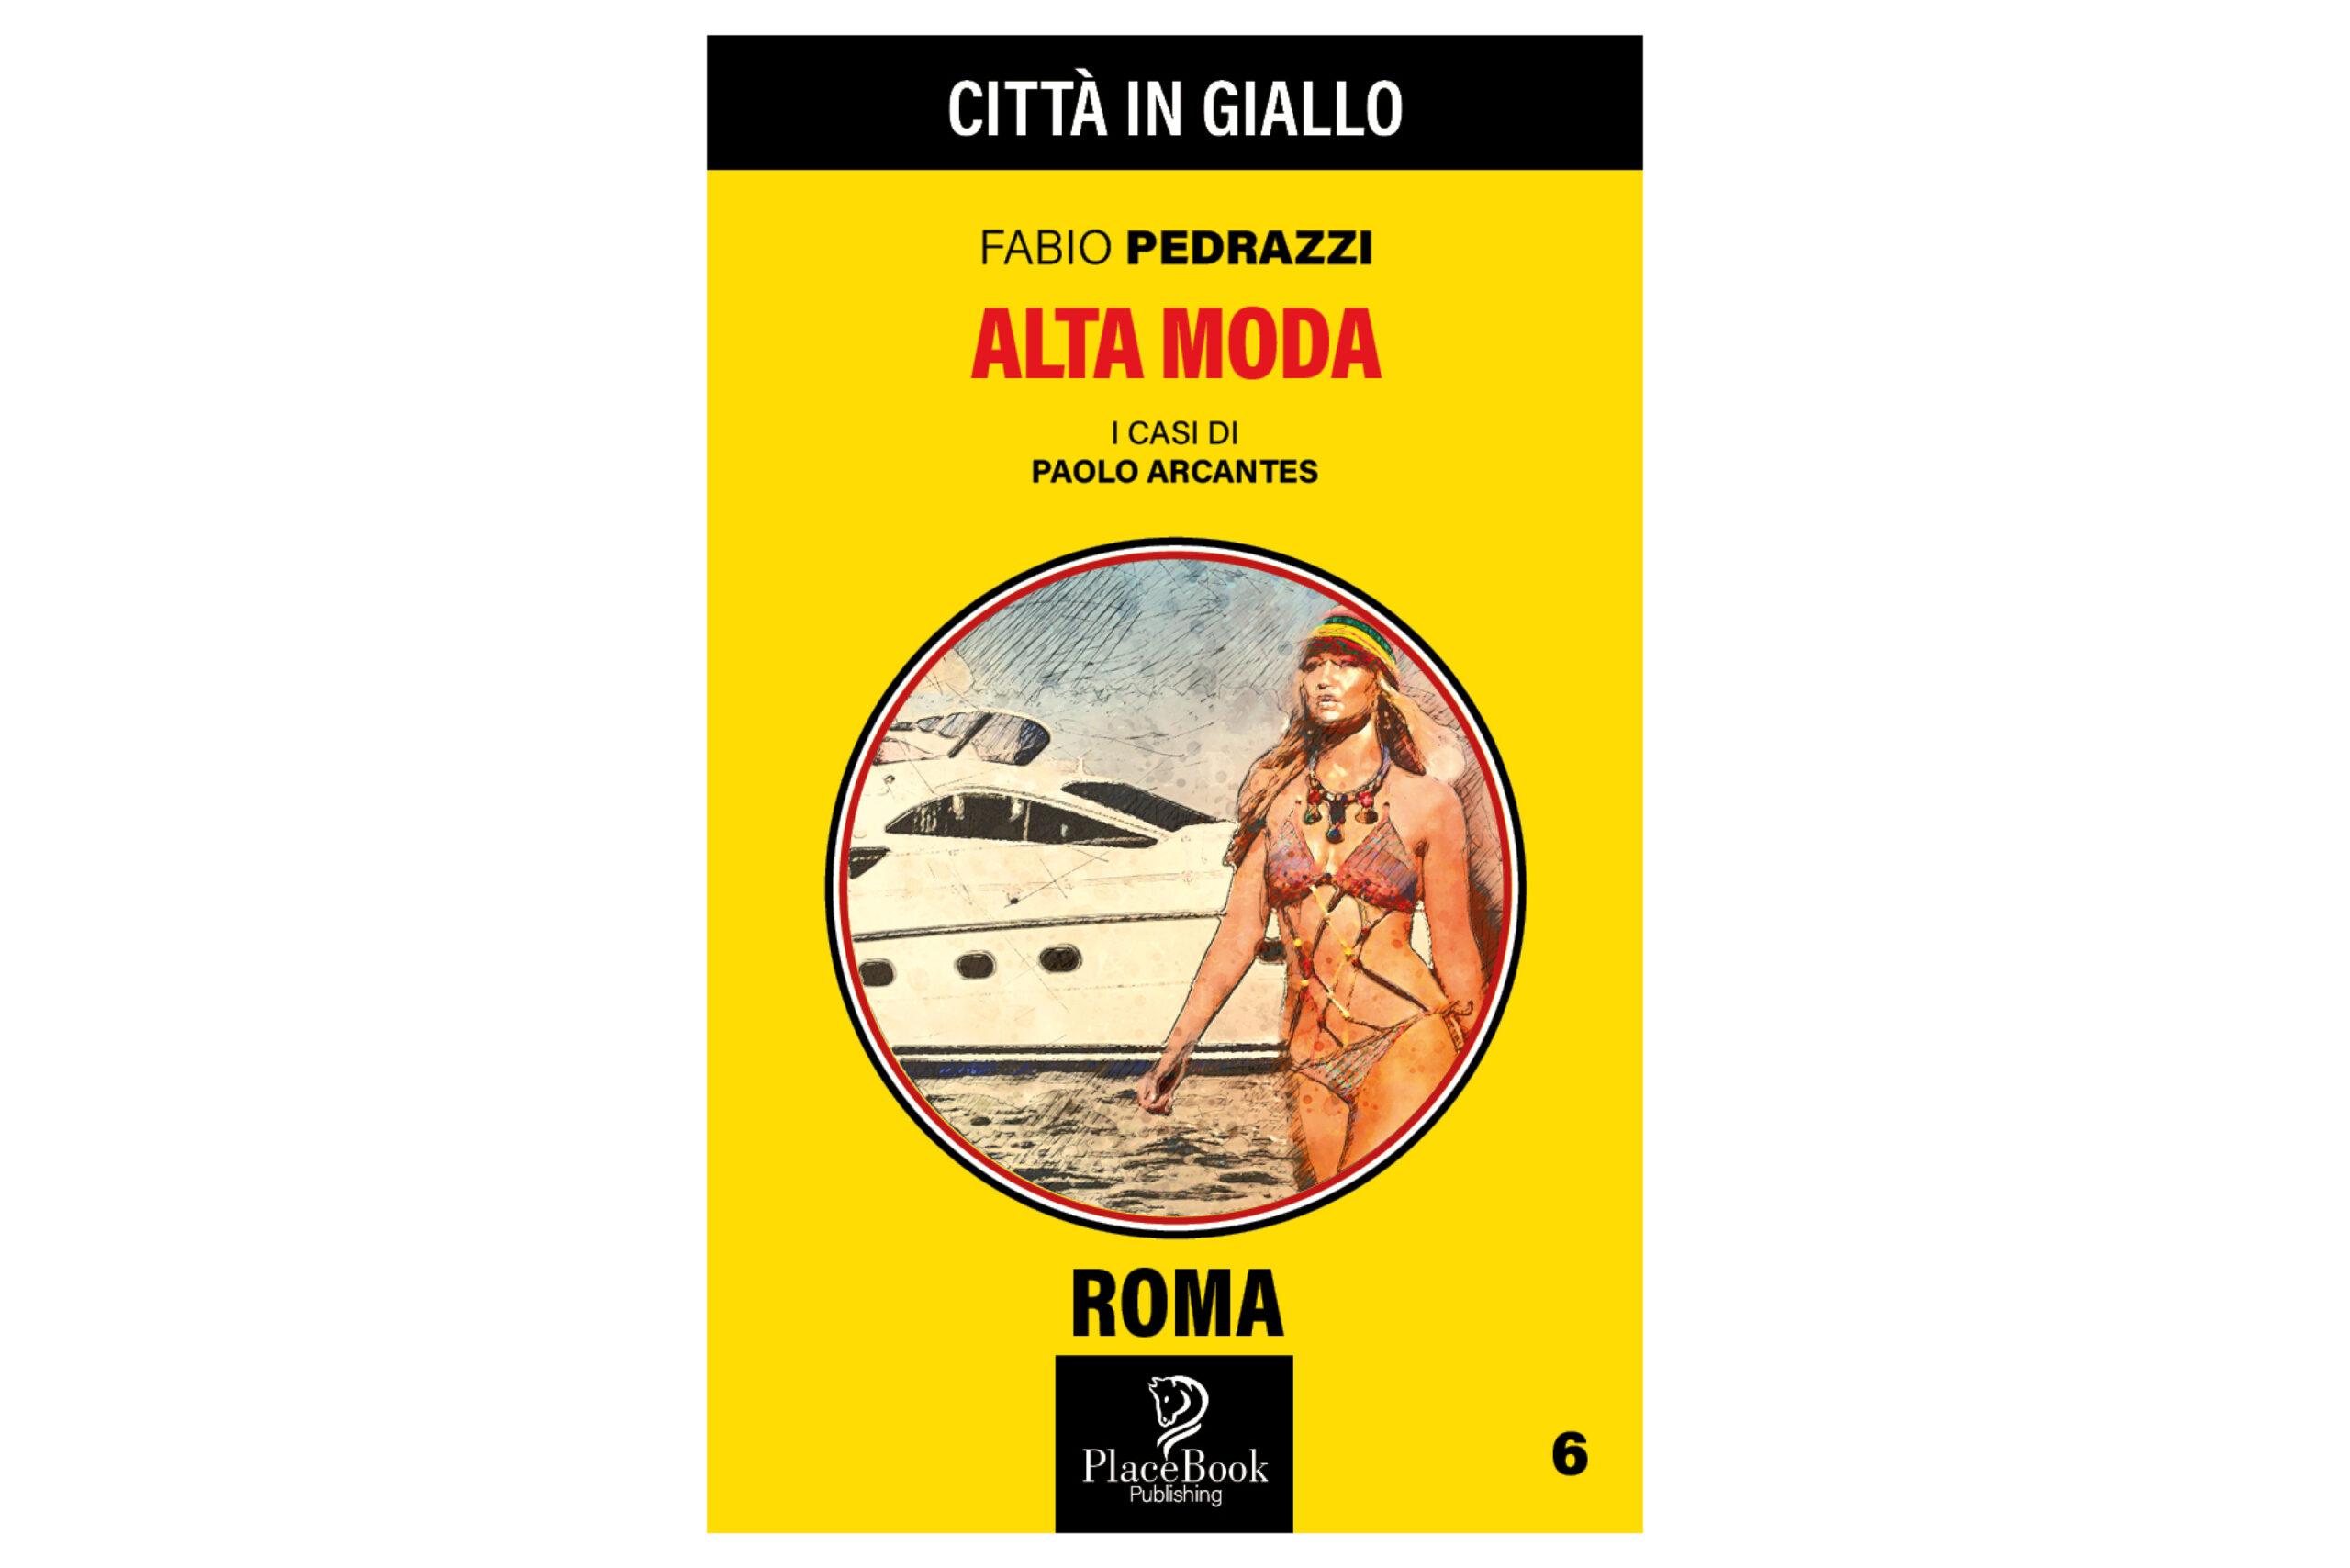 Alta moda – Roma 6